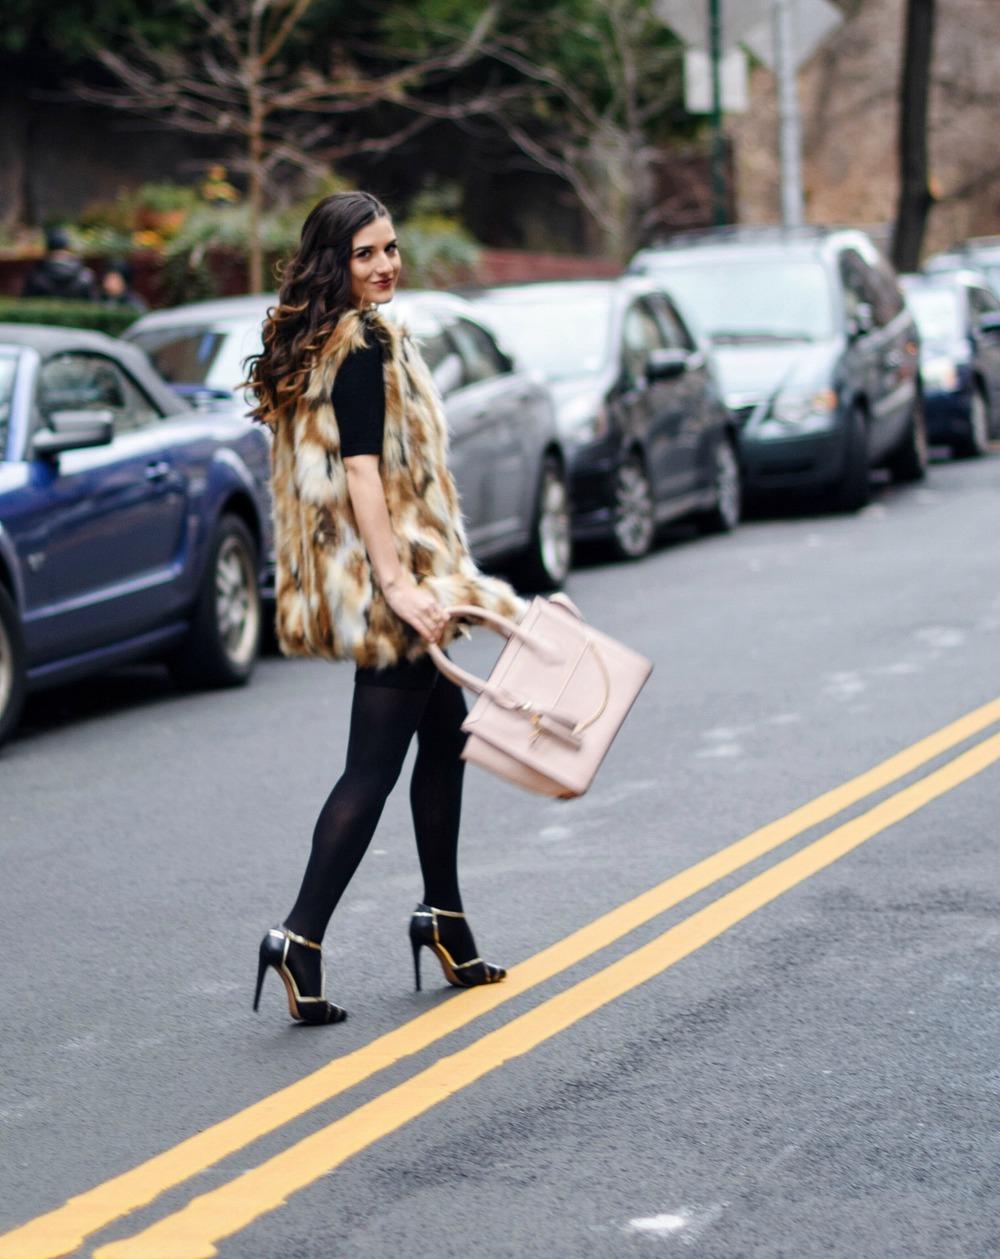 f9530253f9c0 Calico fur henri bendel structured leather bag louboutins love fashion blog  esther santer street jpg 750x944